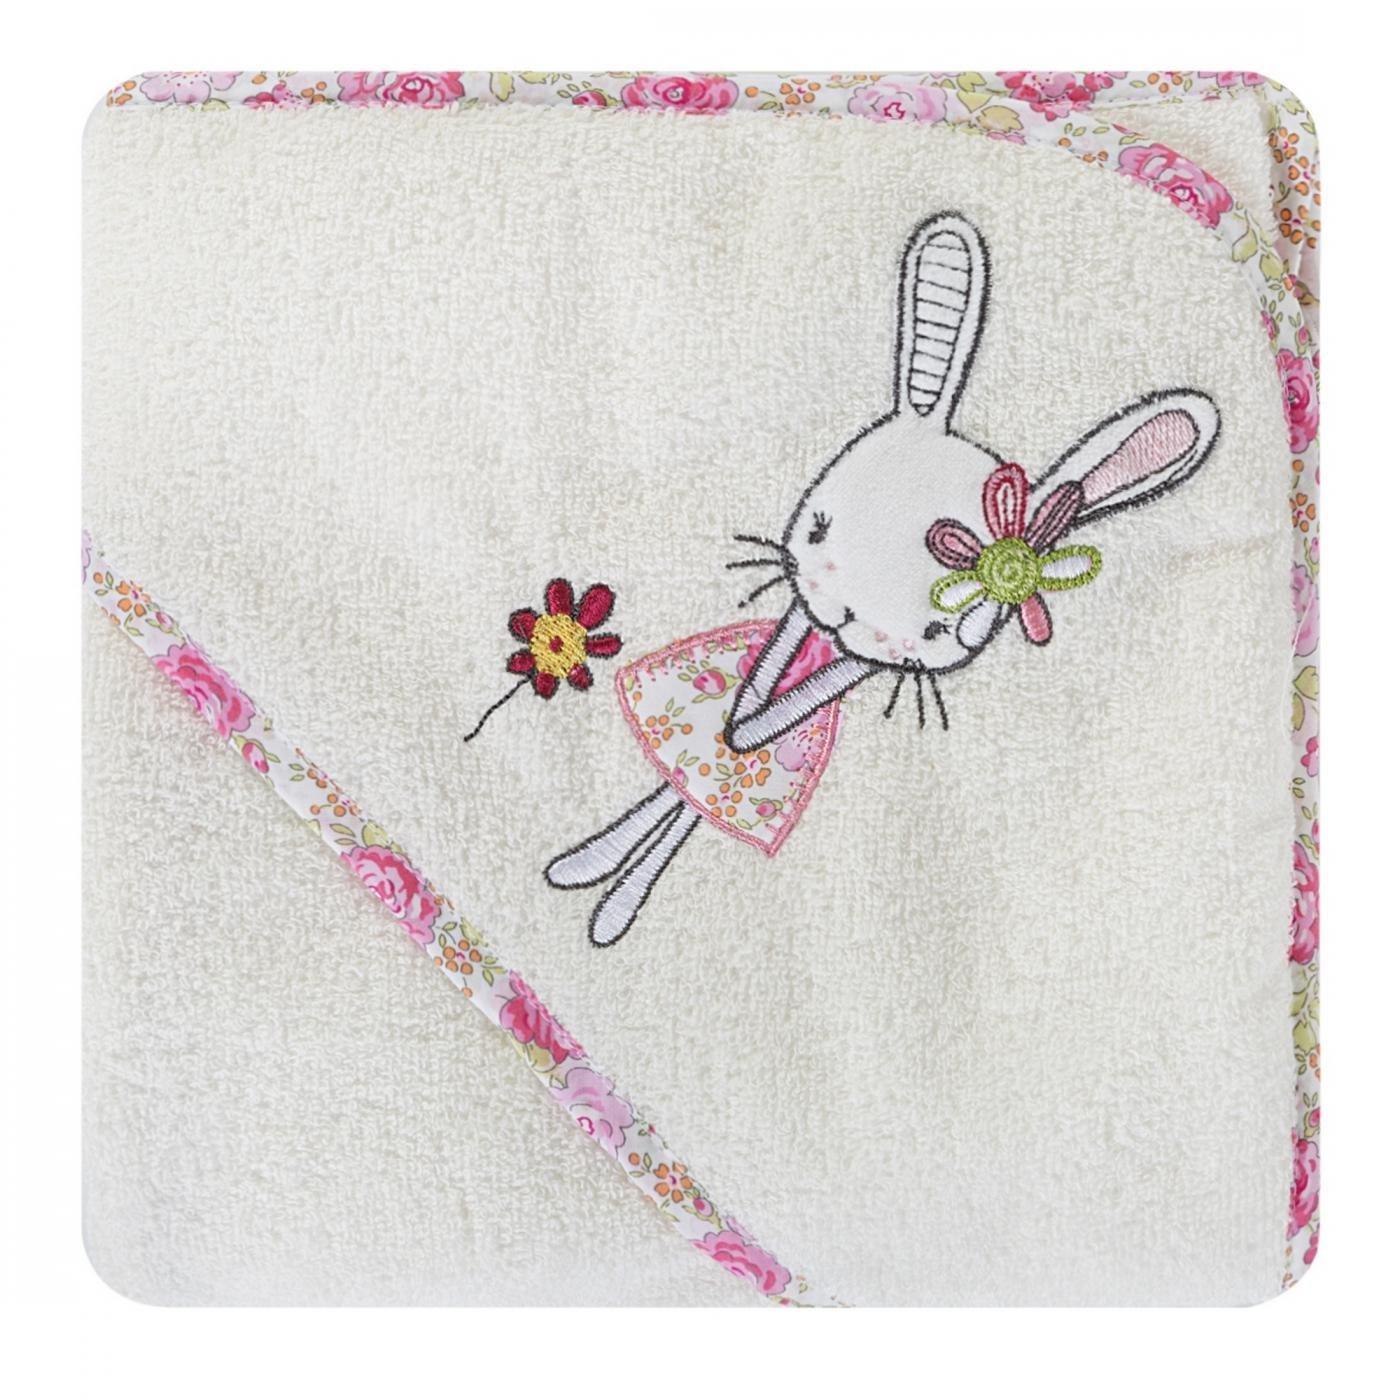 Dziecięcy ręcznik kąpielowy z kapturem króliczek 75x75 cm